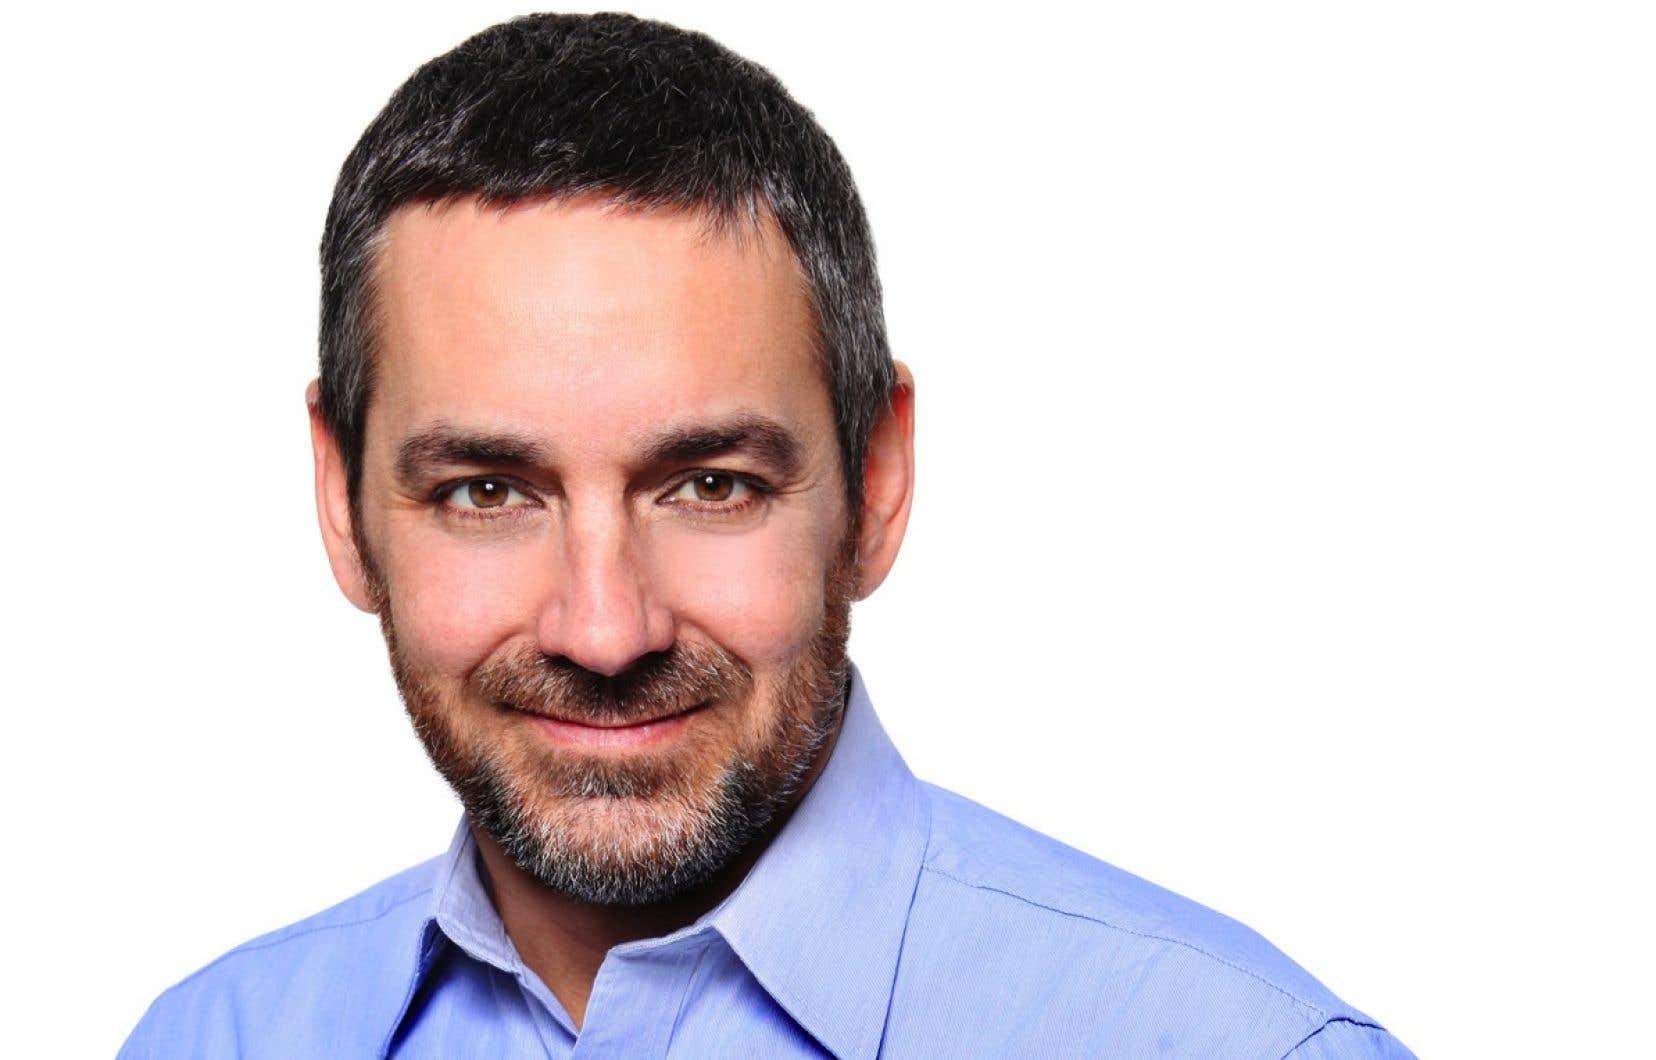 Le député montréalais Pierre Nantel a annoncé qu'il sera candidat néodémocrate au scrutin d'octobre.